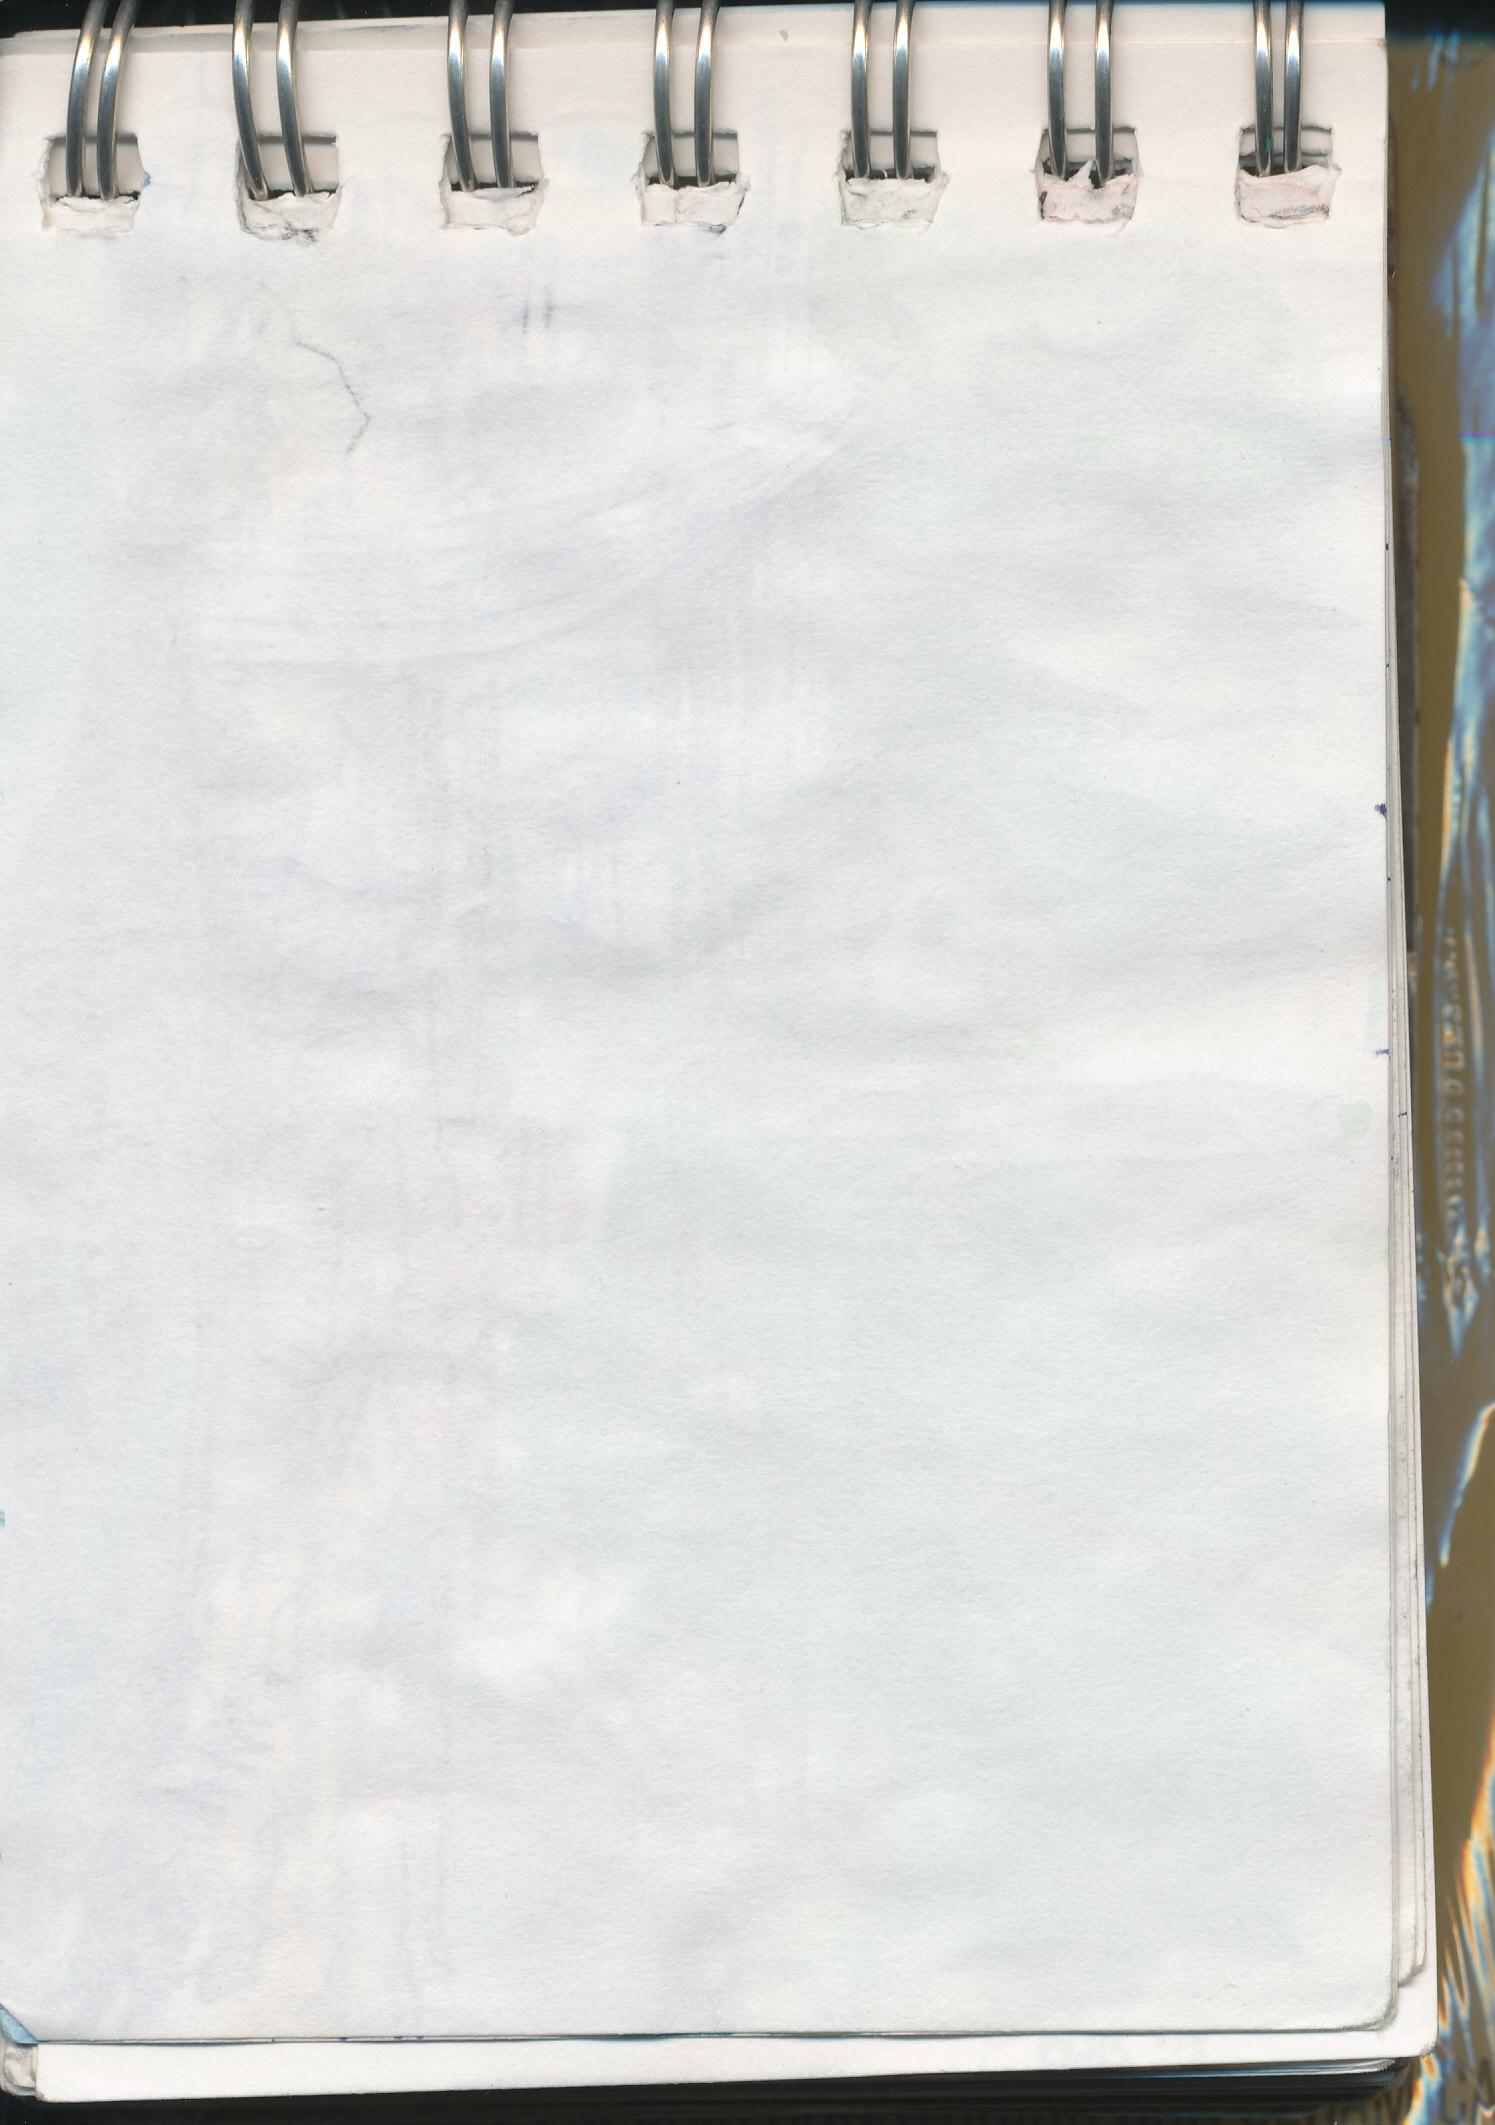 cuaderno 8_0016.0.jpg